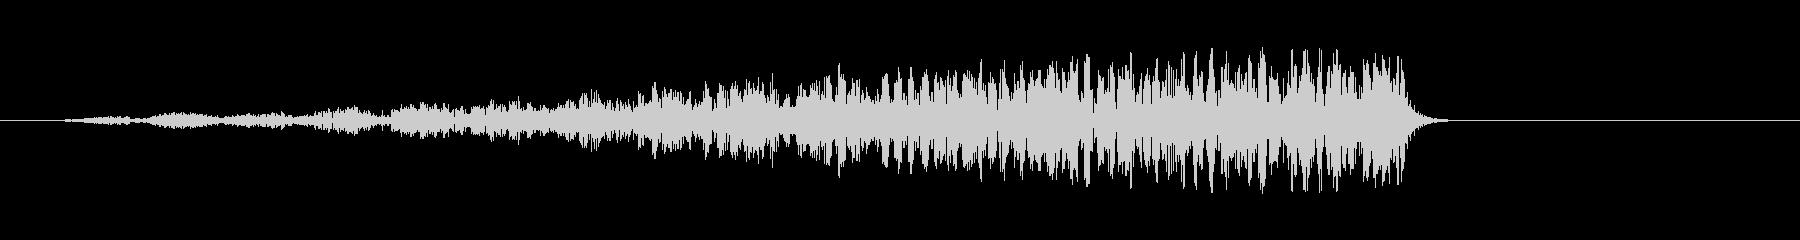 ディープリバースバズドローンの未再生の波形